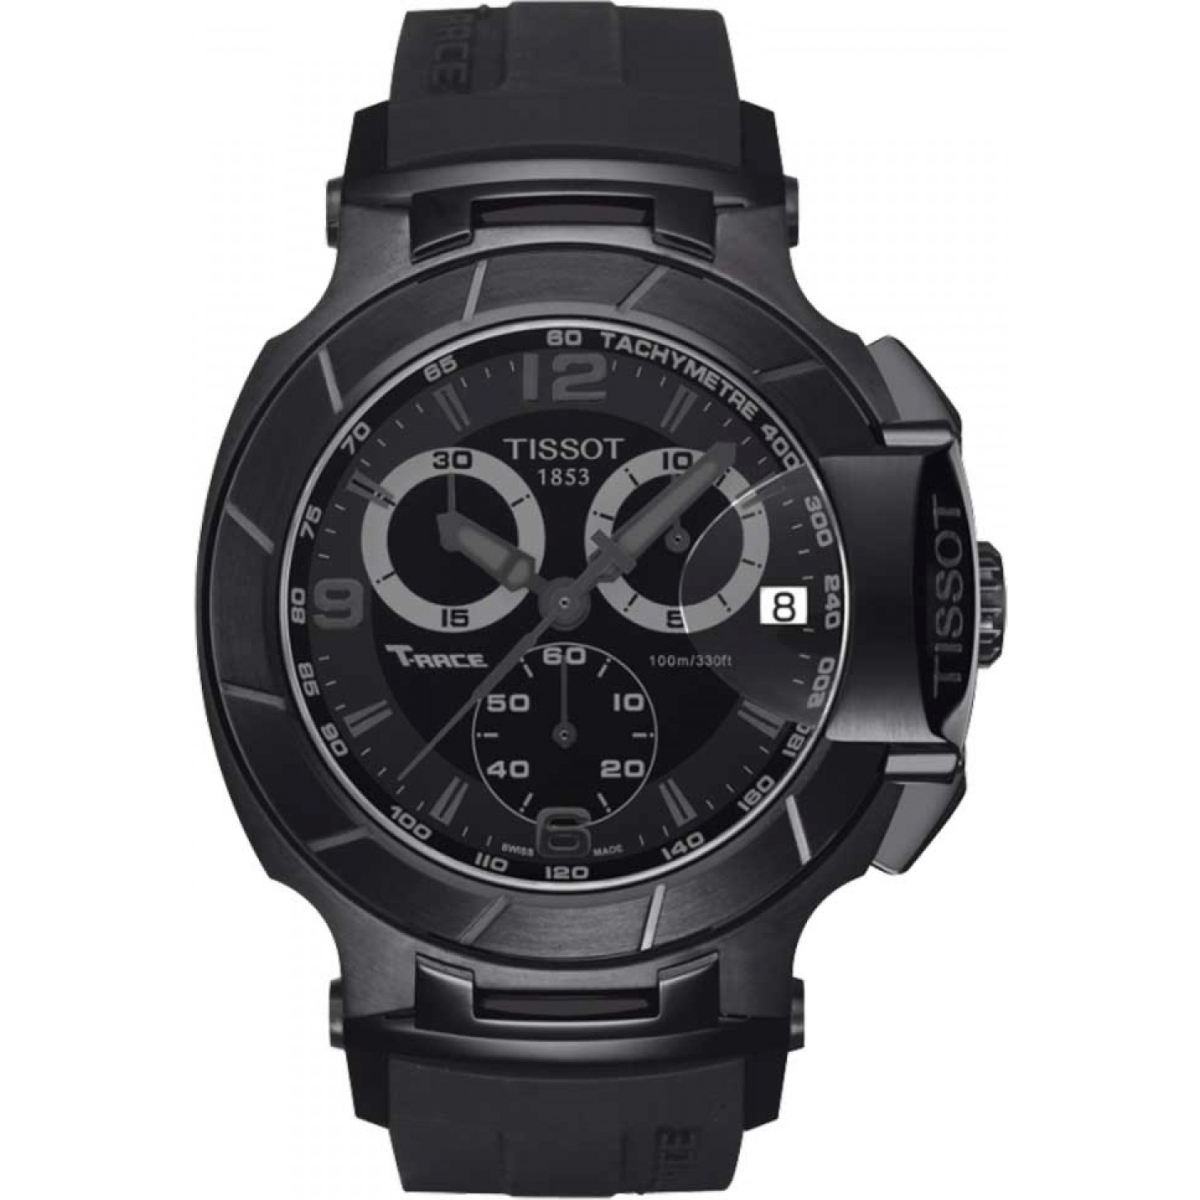 96e8987c944 Gents Tissot T-Race Chronograph Watch (T0484173705700) | WatchShop.com™